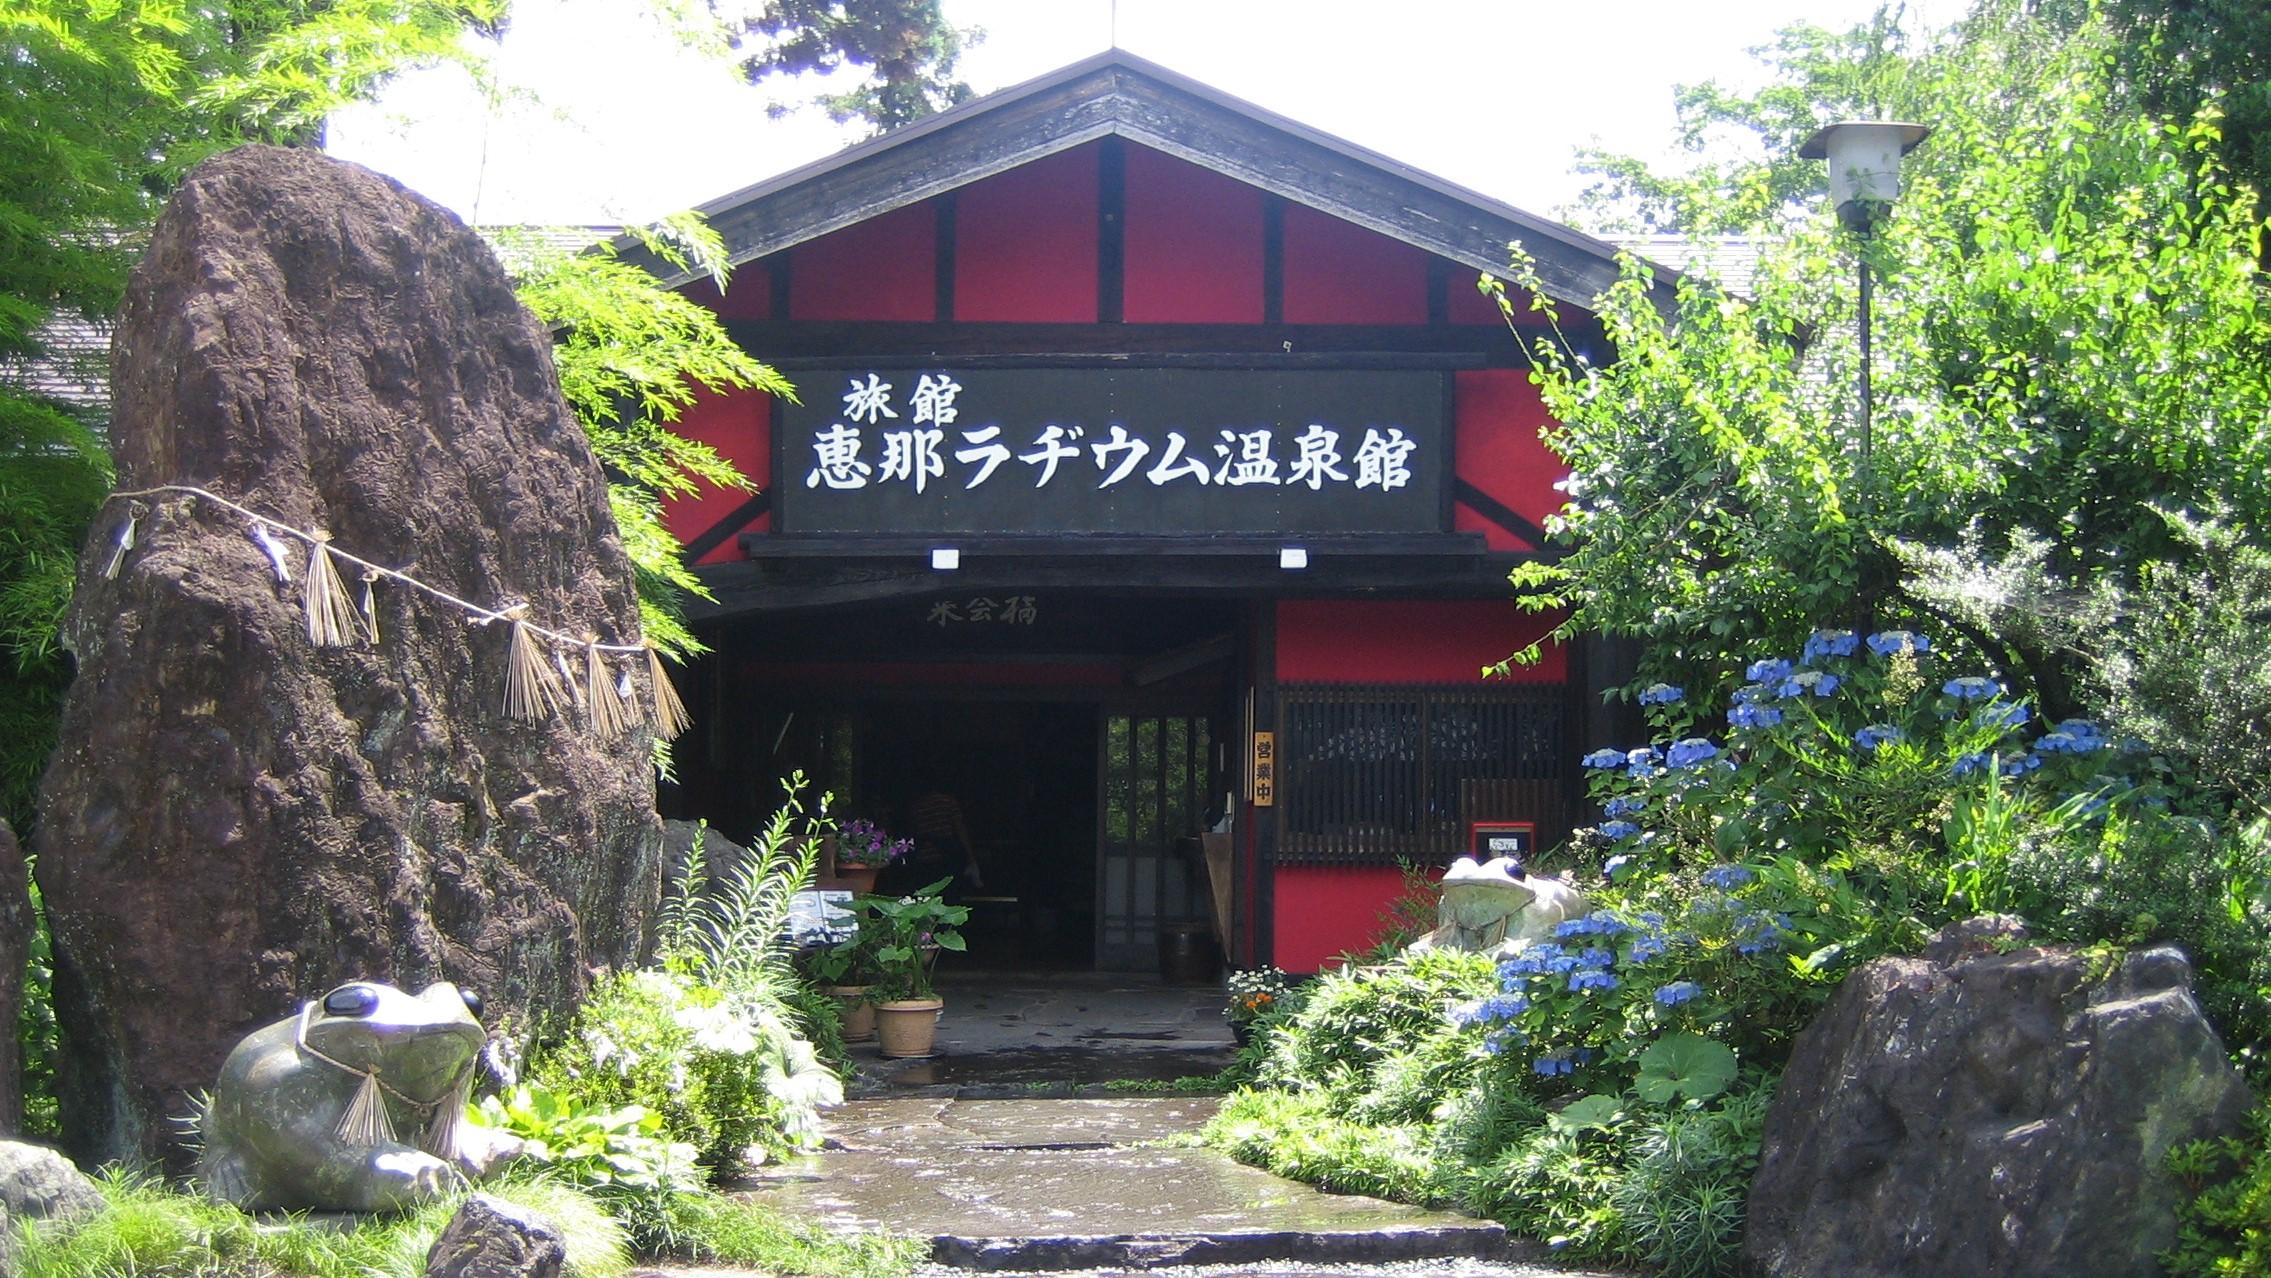 薬師の霊泉 恵那ラヂウム温泉館